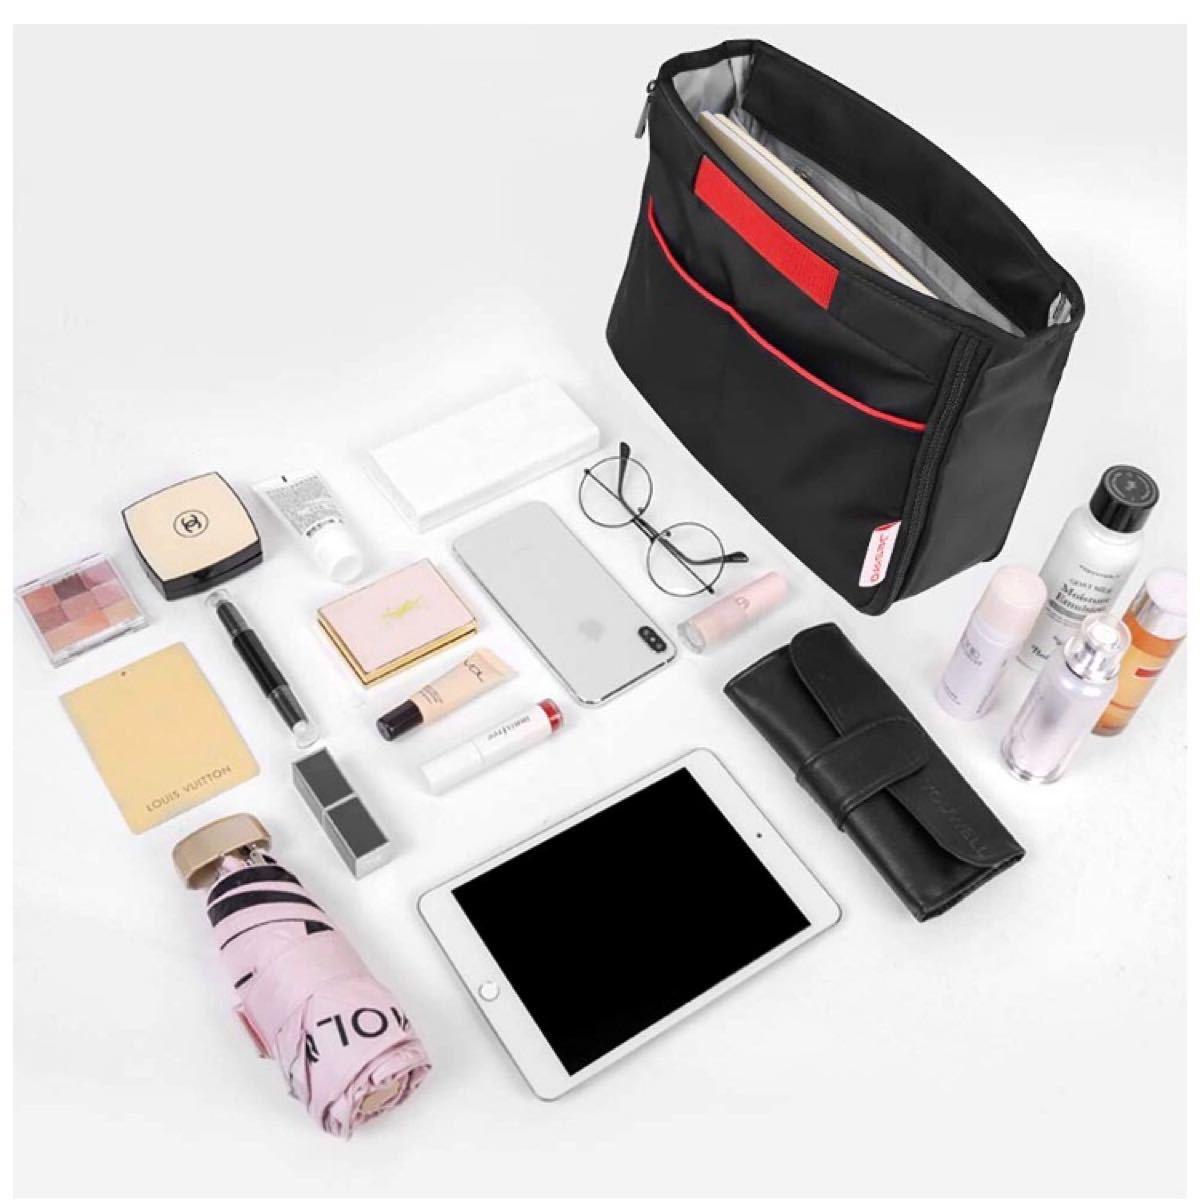 【新品】バッグインバッグ 軽量 インナーバッグ 拡張可能 トートバック用 大容量